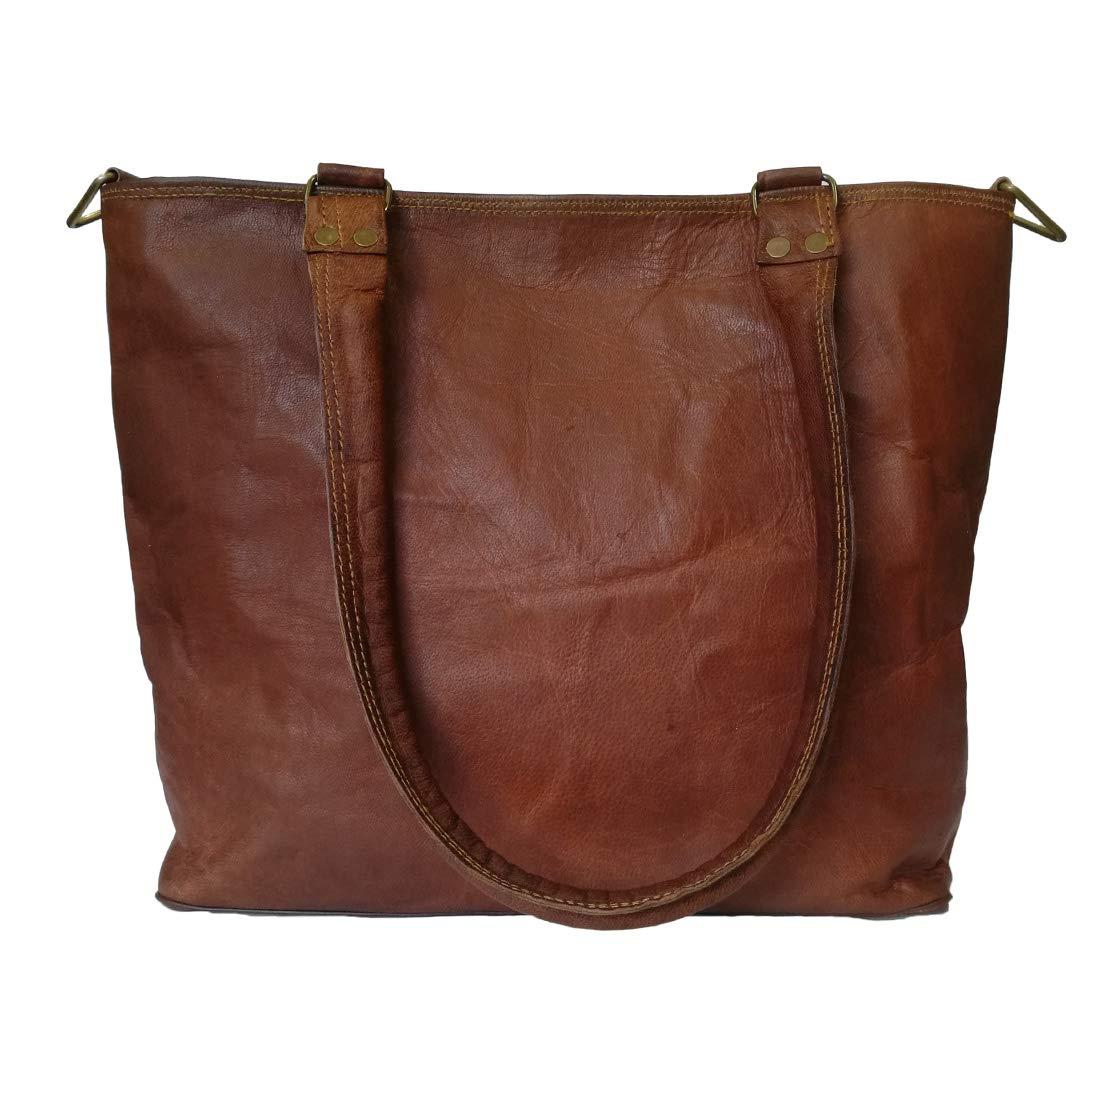 Mad Over Shopping Sac /à main d/épaule moyen en cuir v/éritable pour femme Sac /à main vintage Crossbody